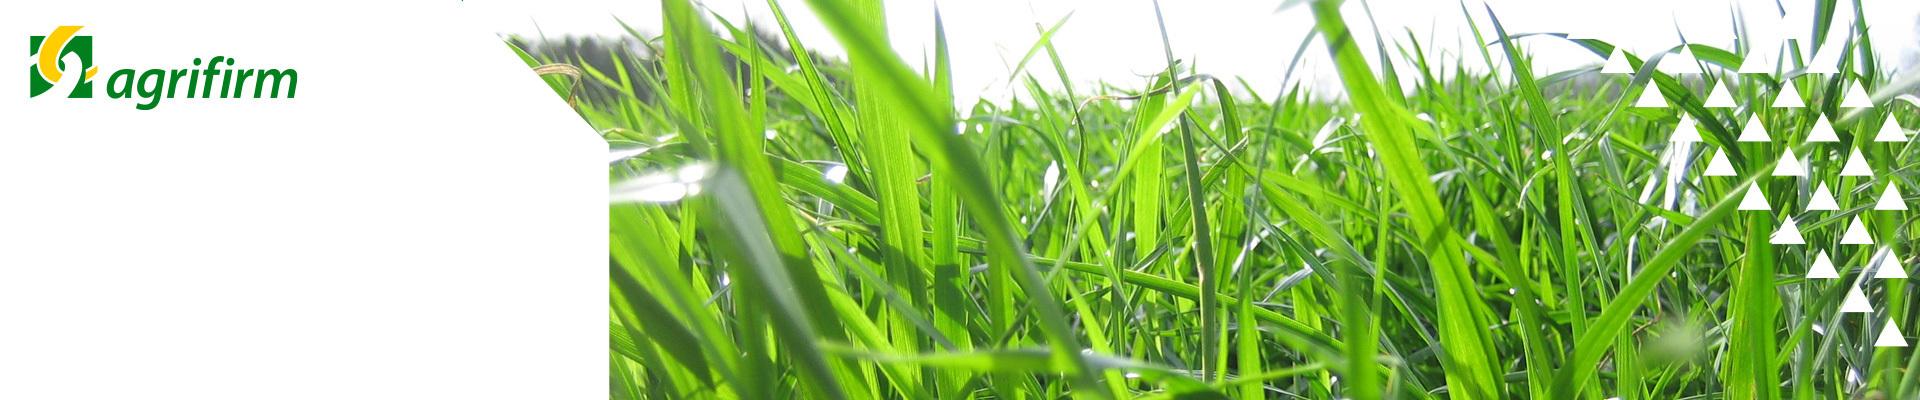 Online bijeenkomsten bemesting gras- en maisland